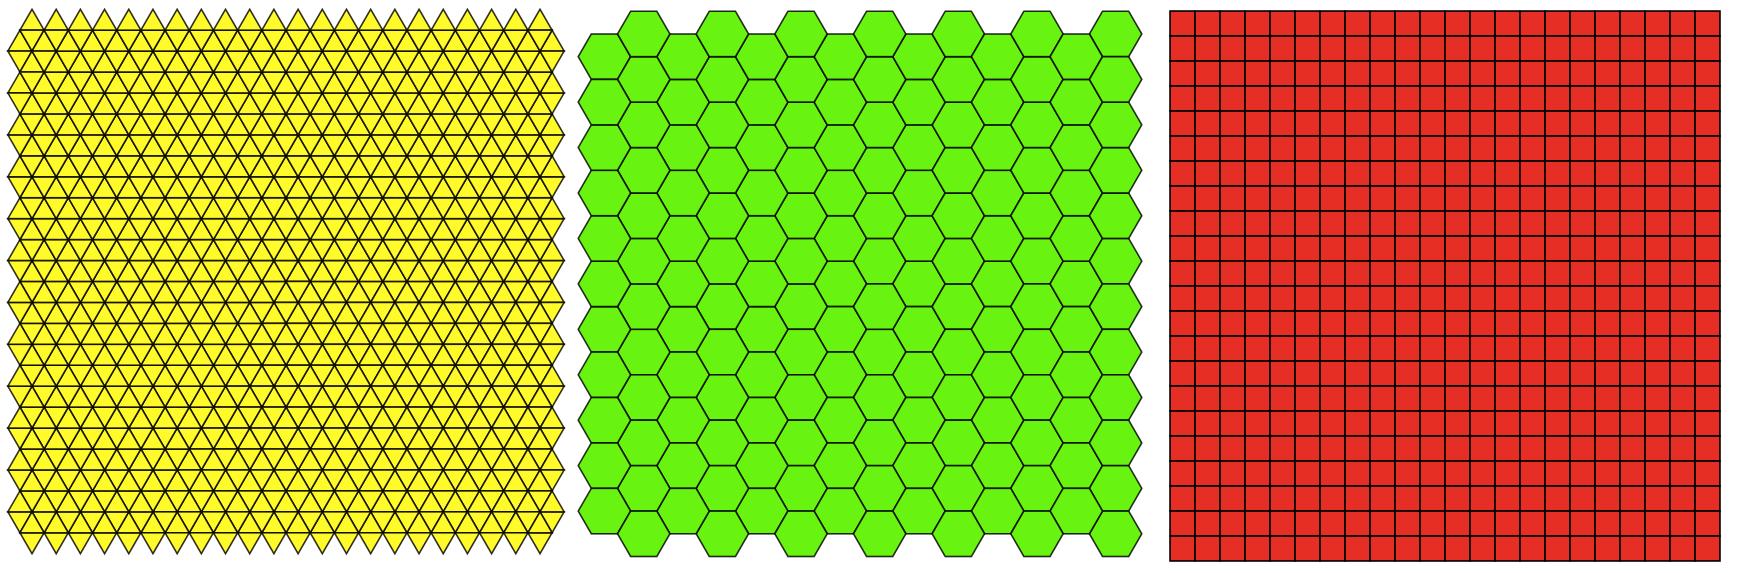 the three euclidean tilings